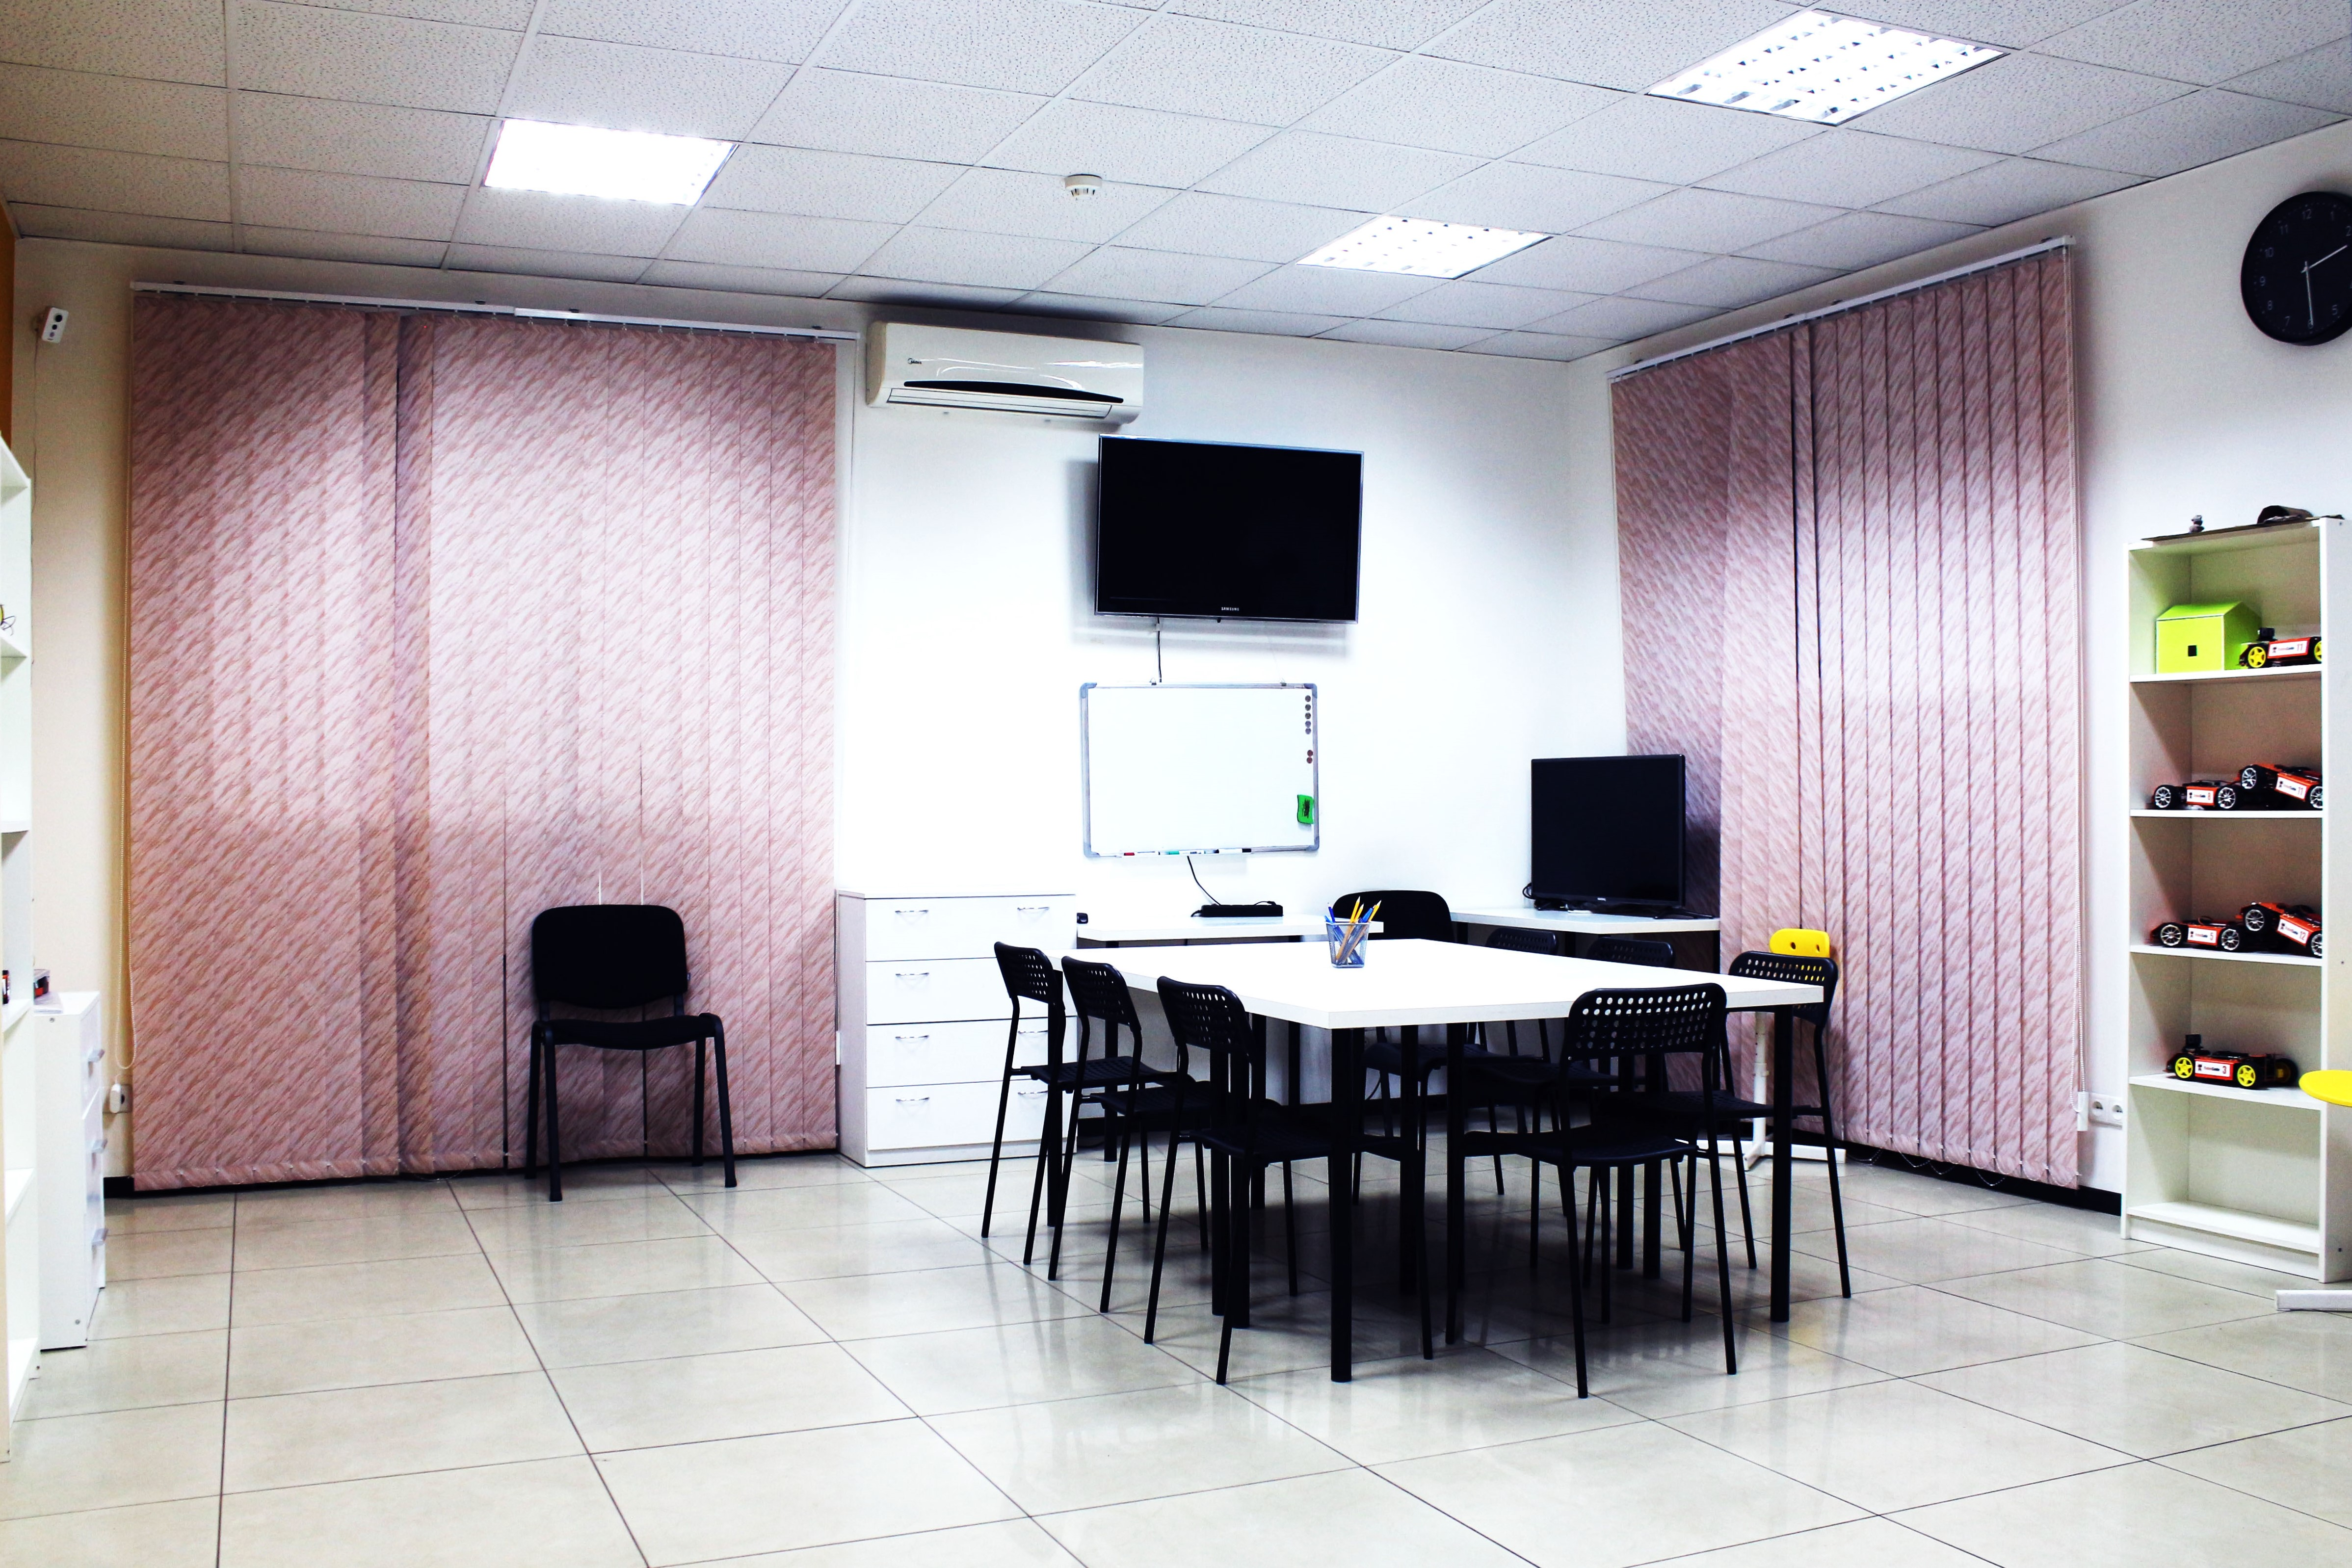 Фото Фото школы английского языка